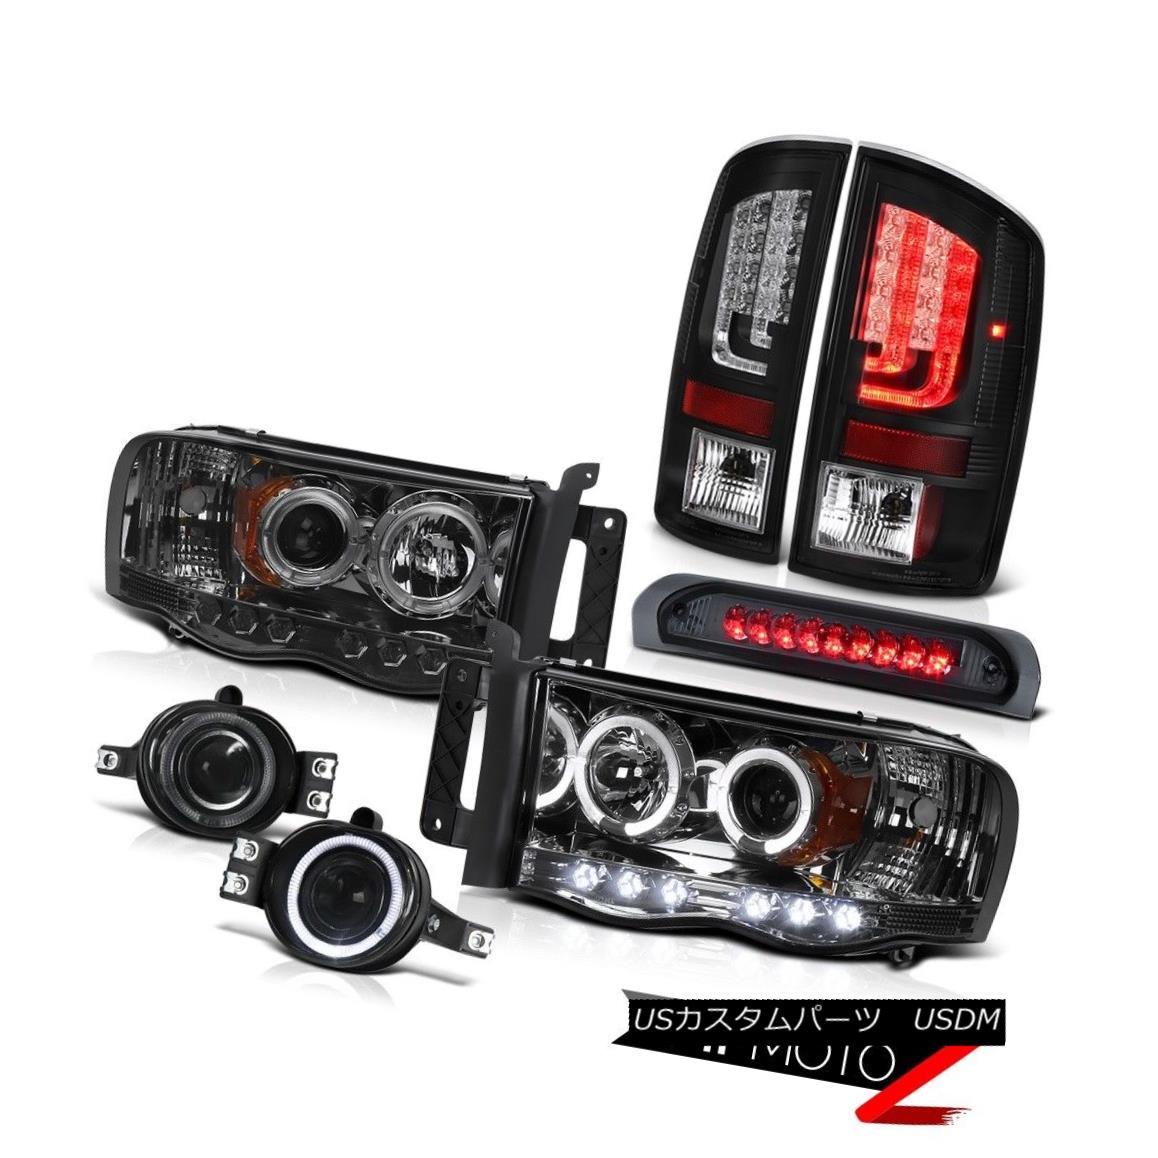 テールライト 2002-2005 Dodge Ram 1500 SLT Tail Lamps Headlamps Fog High STop Lamp Neon Tube 2002-2005ダッジラム1500 SLTテールランプヘッドランプフォグハイSTopランプネオンチューブ